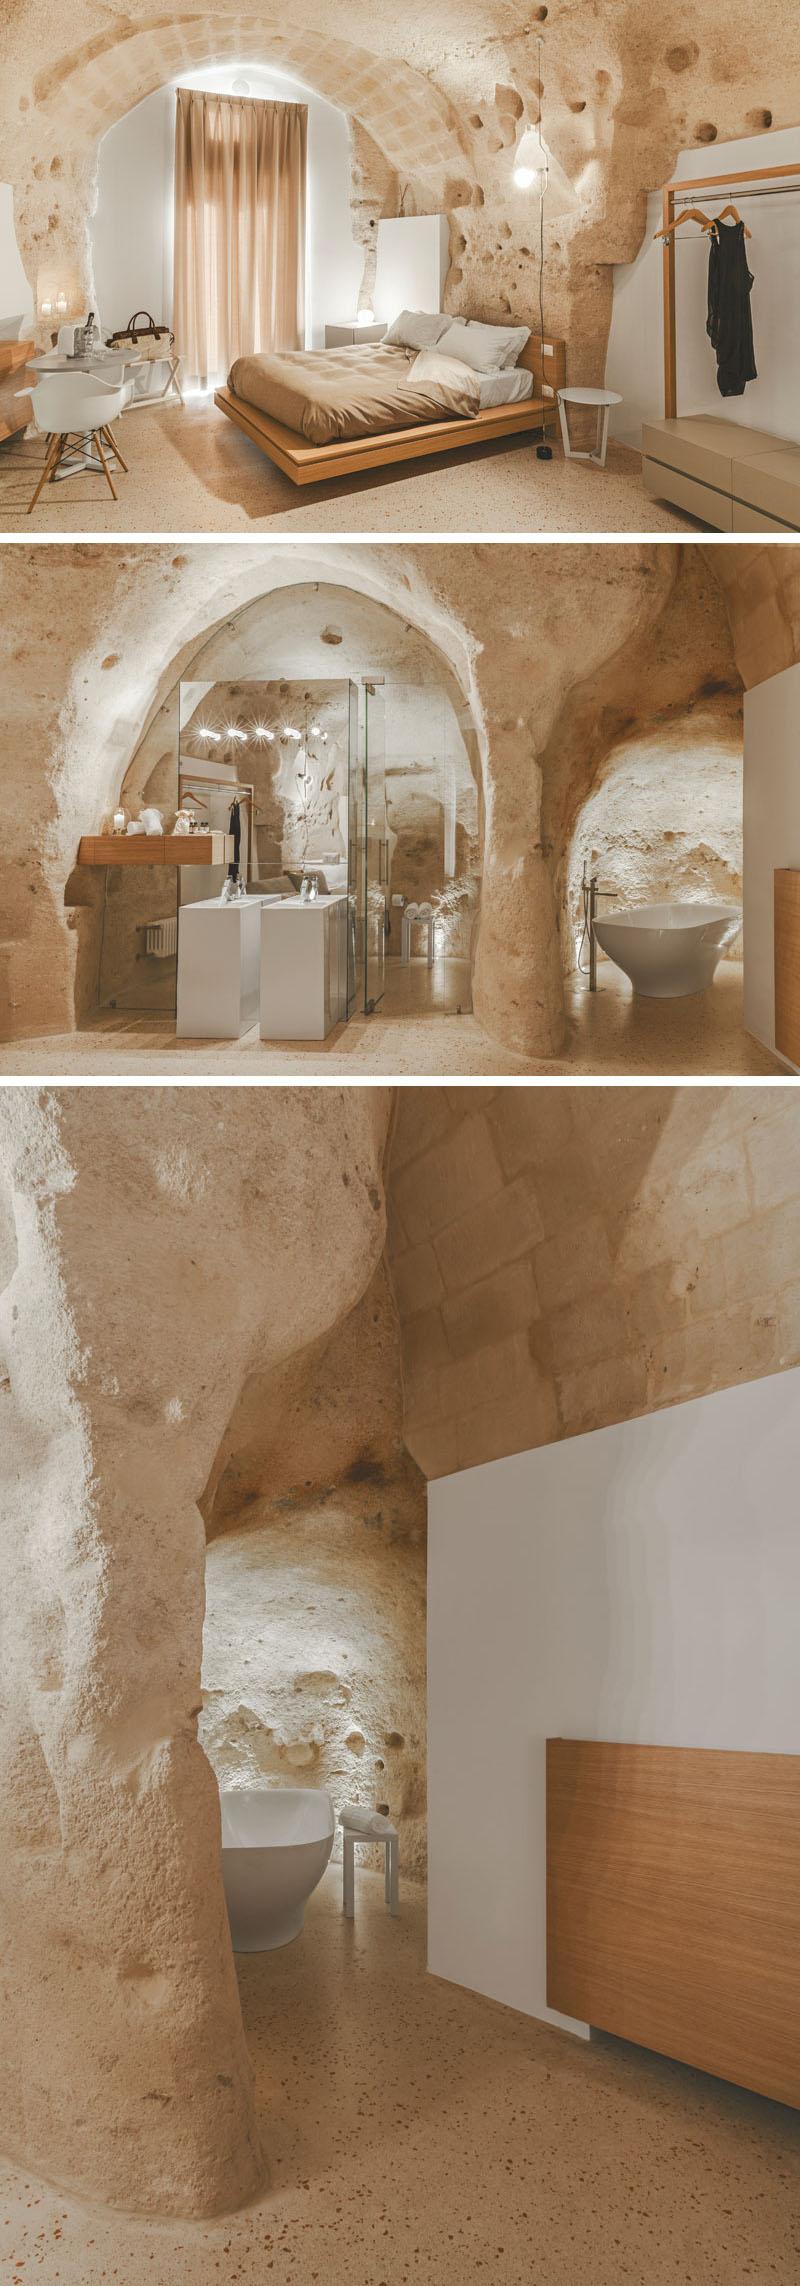 Ein modernes Interieur wurde in diesem historischen Gebäude in Italien gebaut